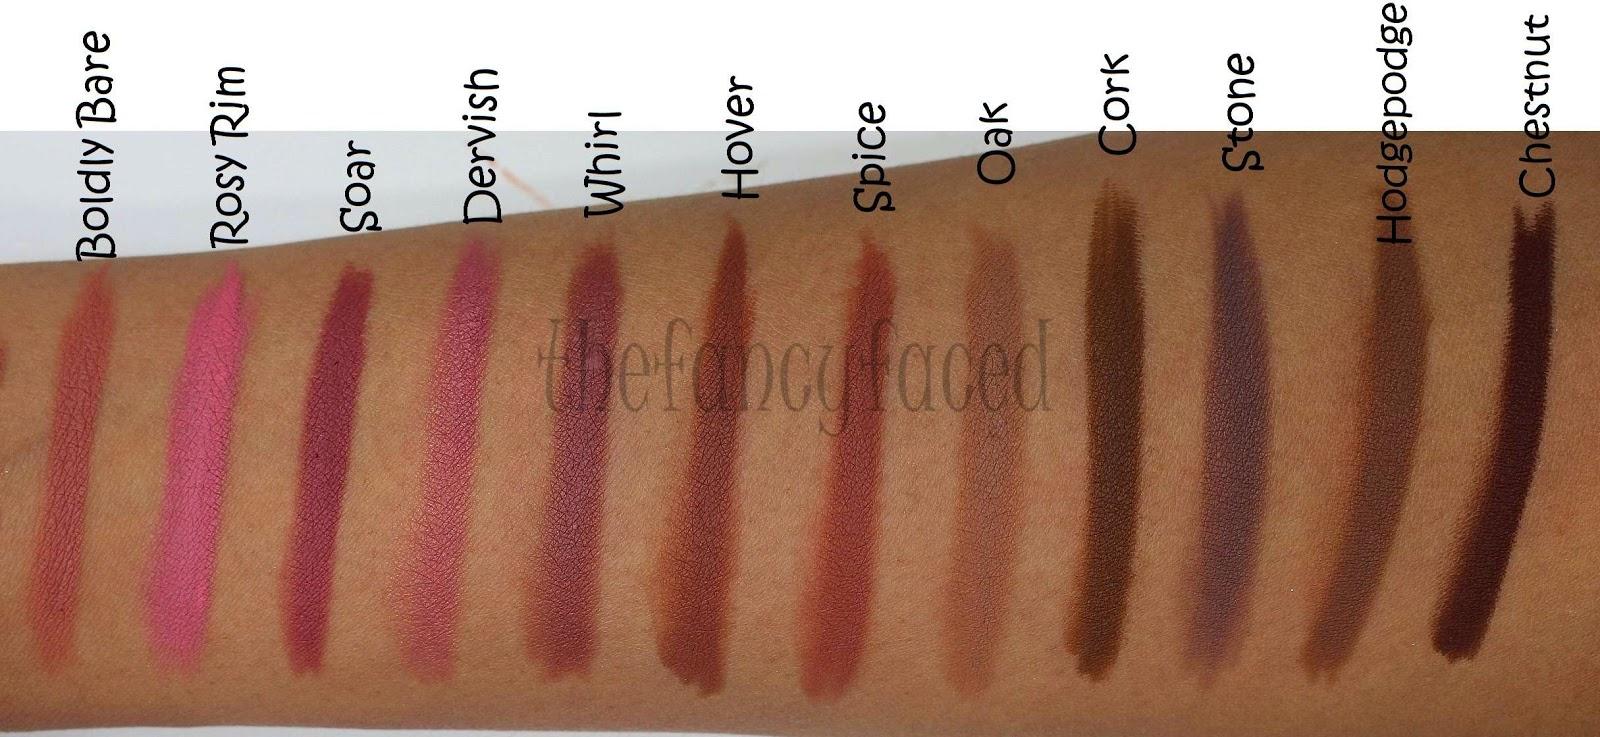 the fancy face review swatch fest mac lip pencils oranges reds purples plums nudes